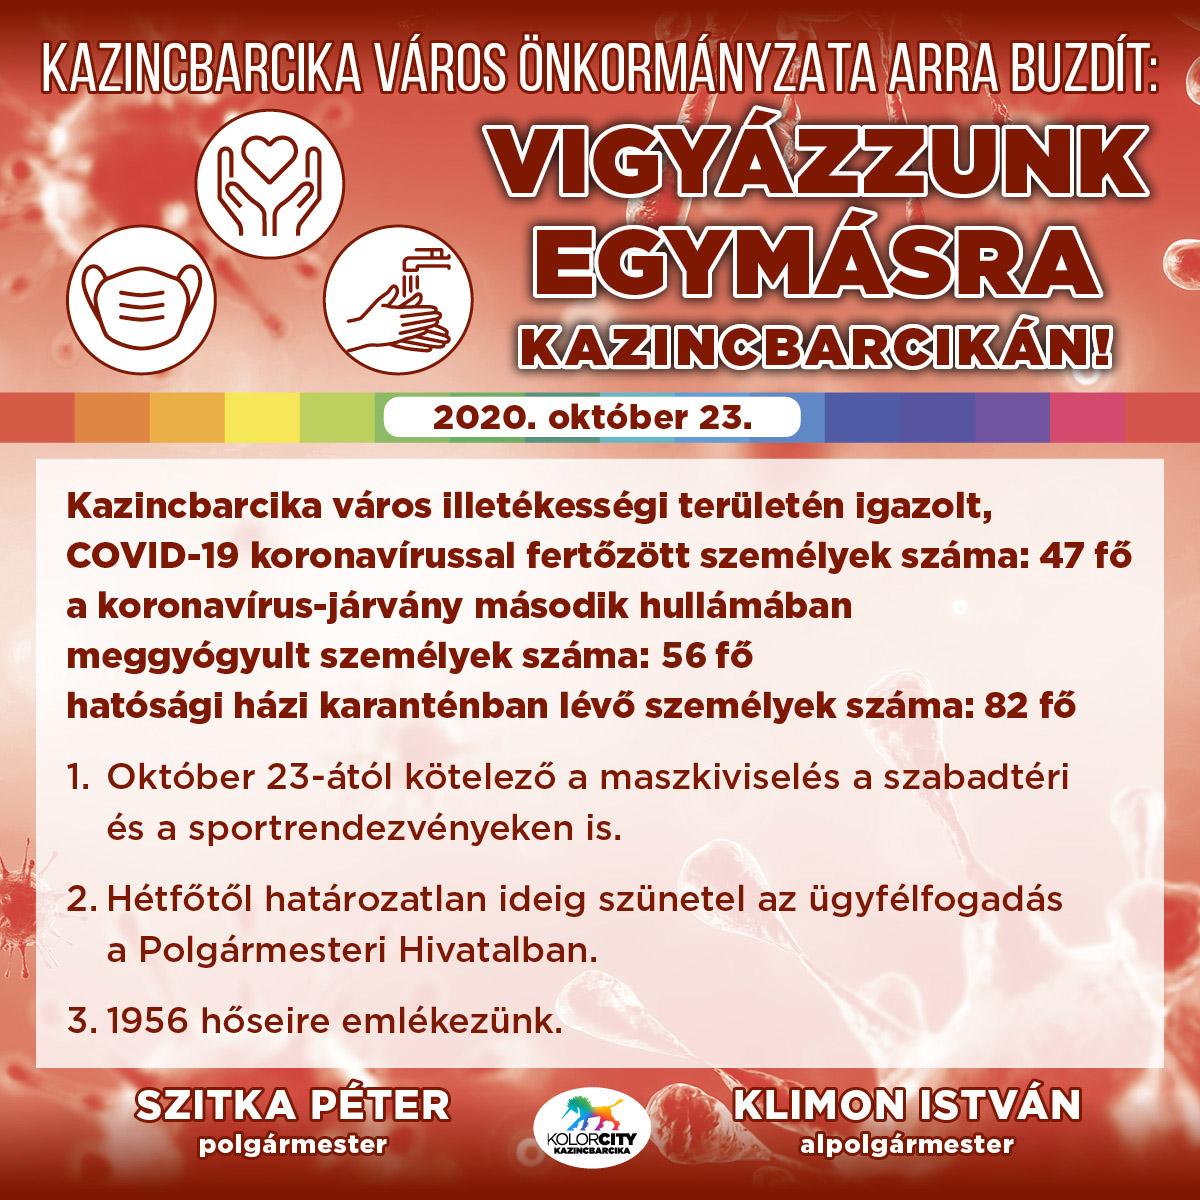 https://kolorline.hu/Vigyázzunk egymásra Kazincbarcikán! – 2020. október 23.